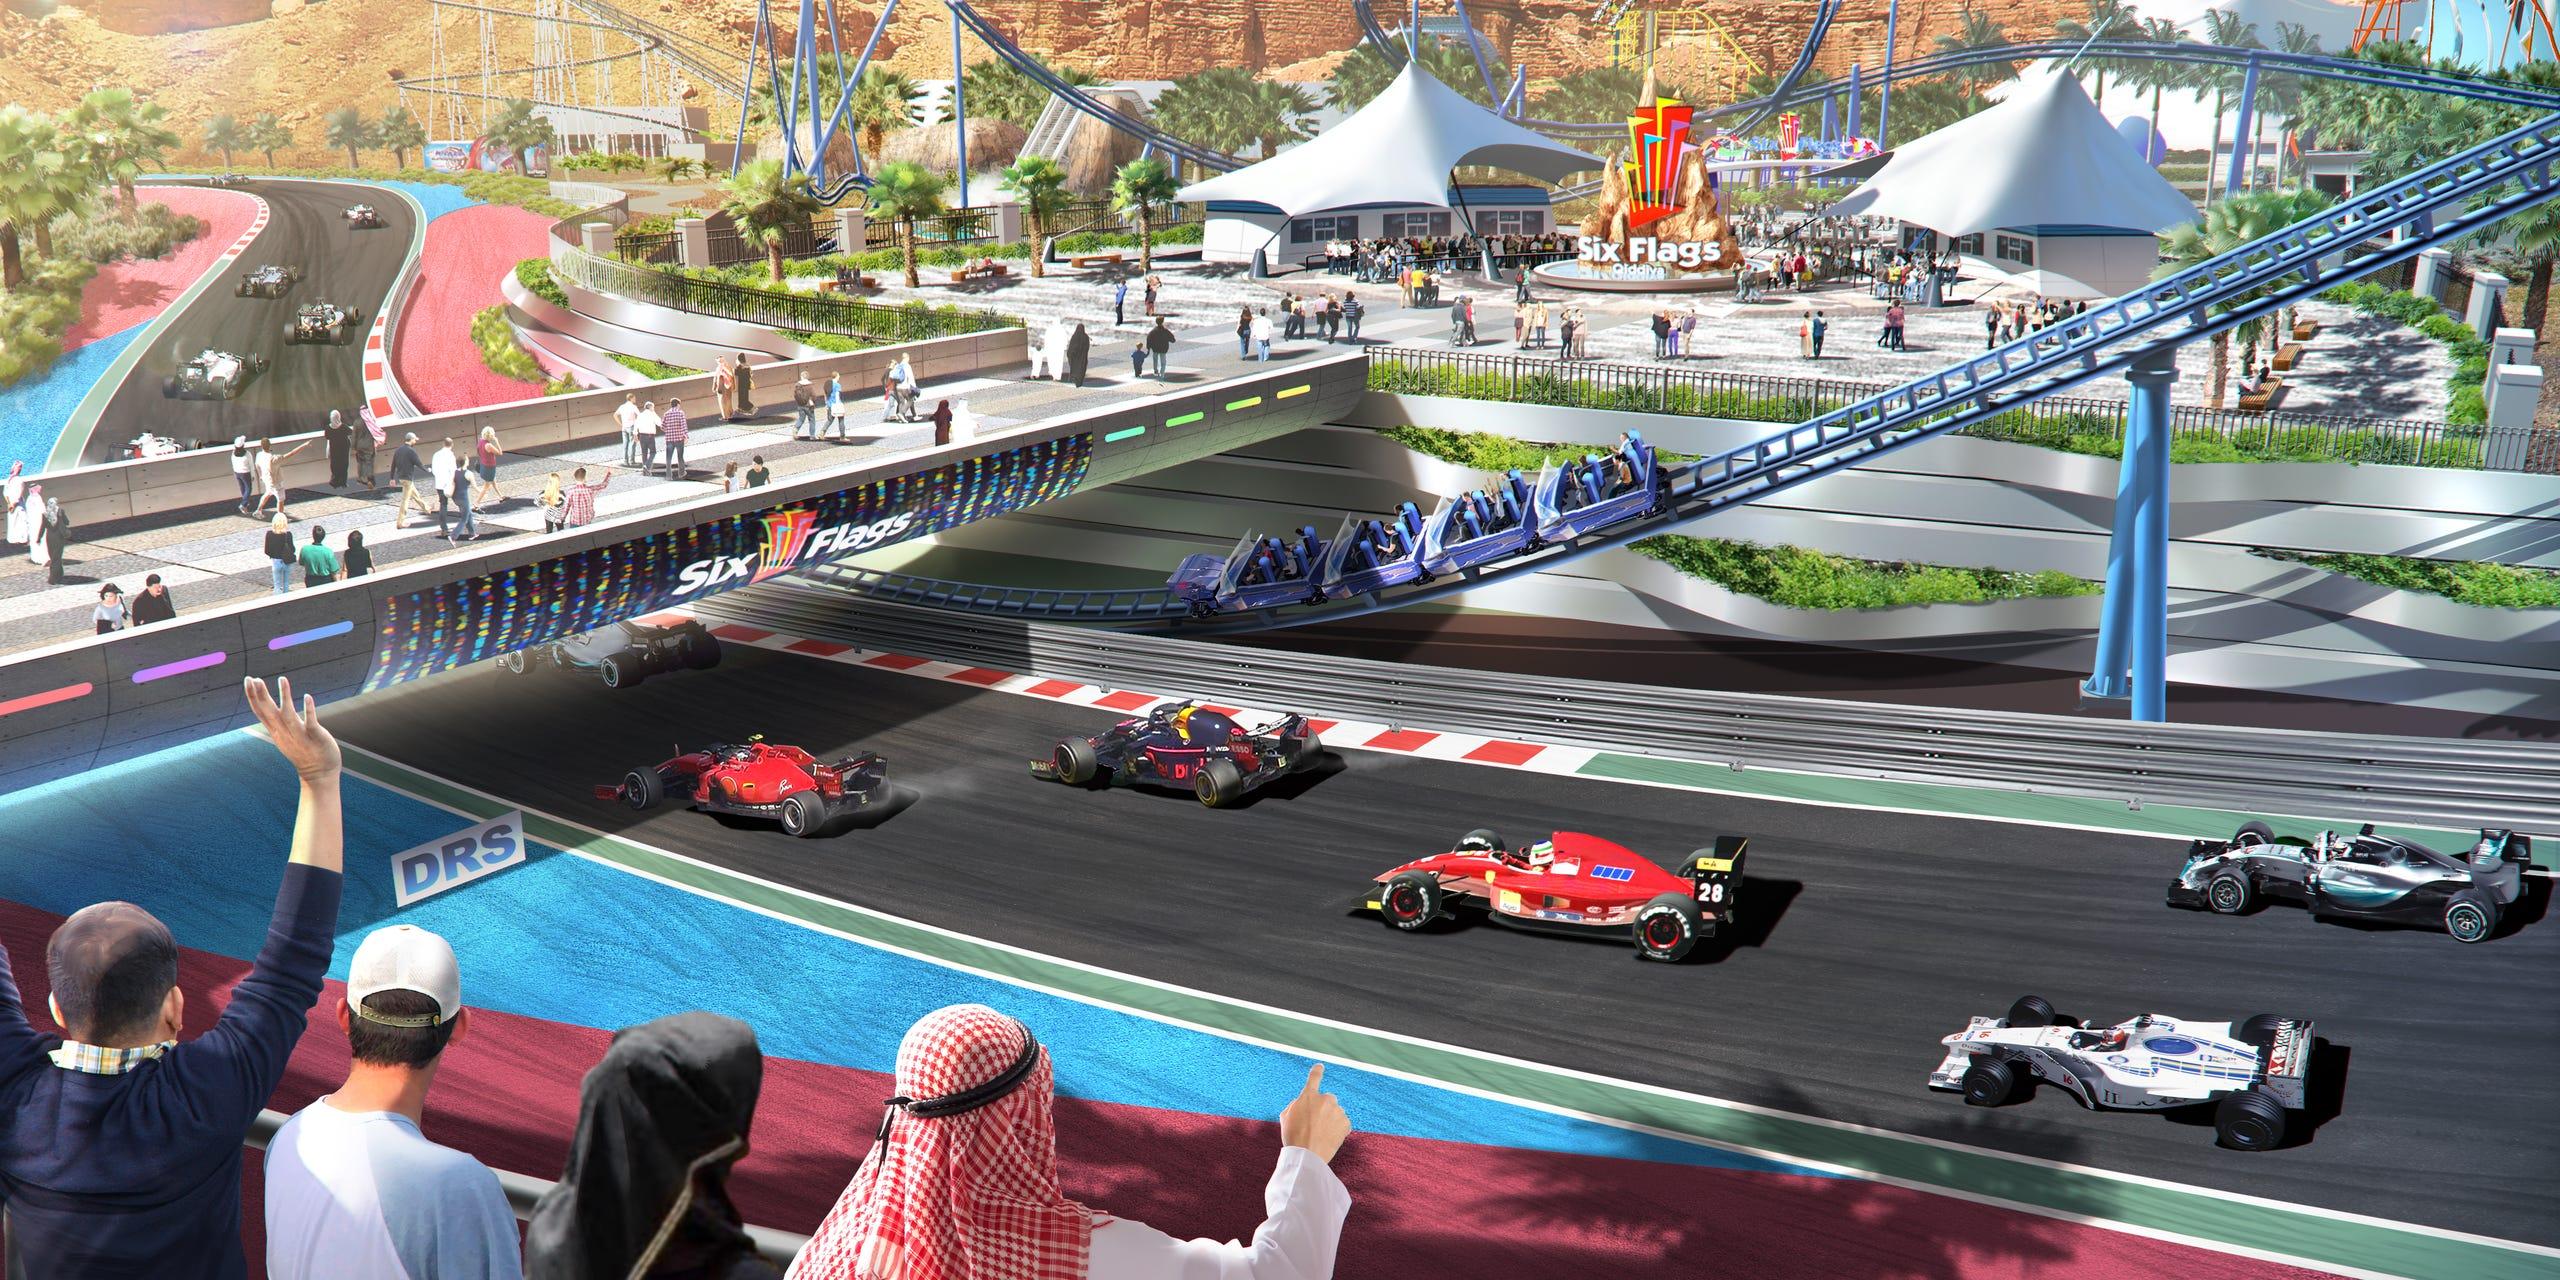 Six Flags Qiddiya's hurtigste attraktioner bliver rutsjebanen Falcon's Flight, der under den fire kilometer lange tur når hastigheder på omkring 250 kilometer i timen. PR-illustration.